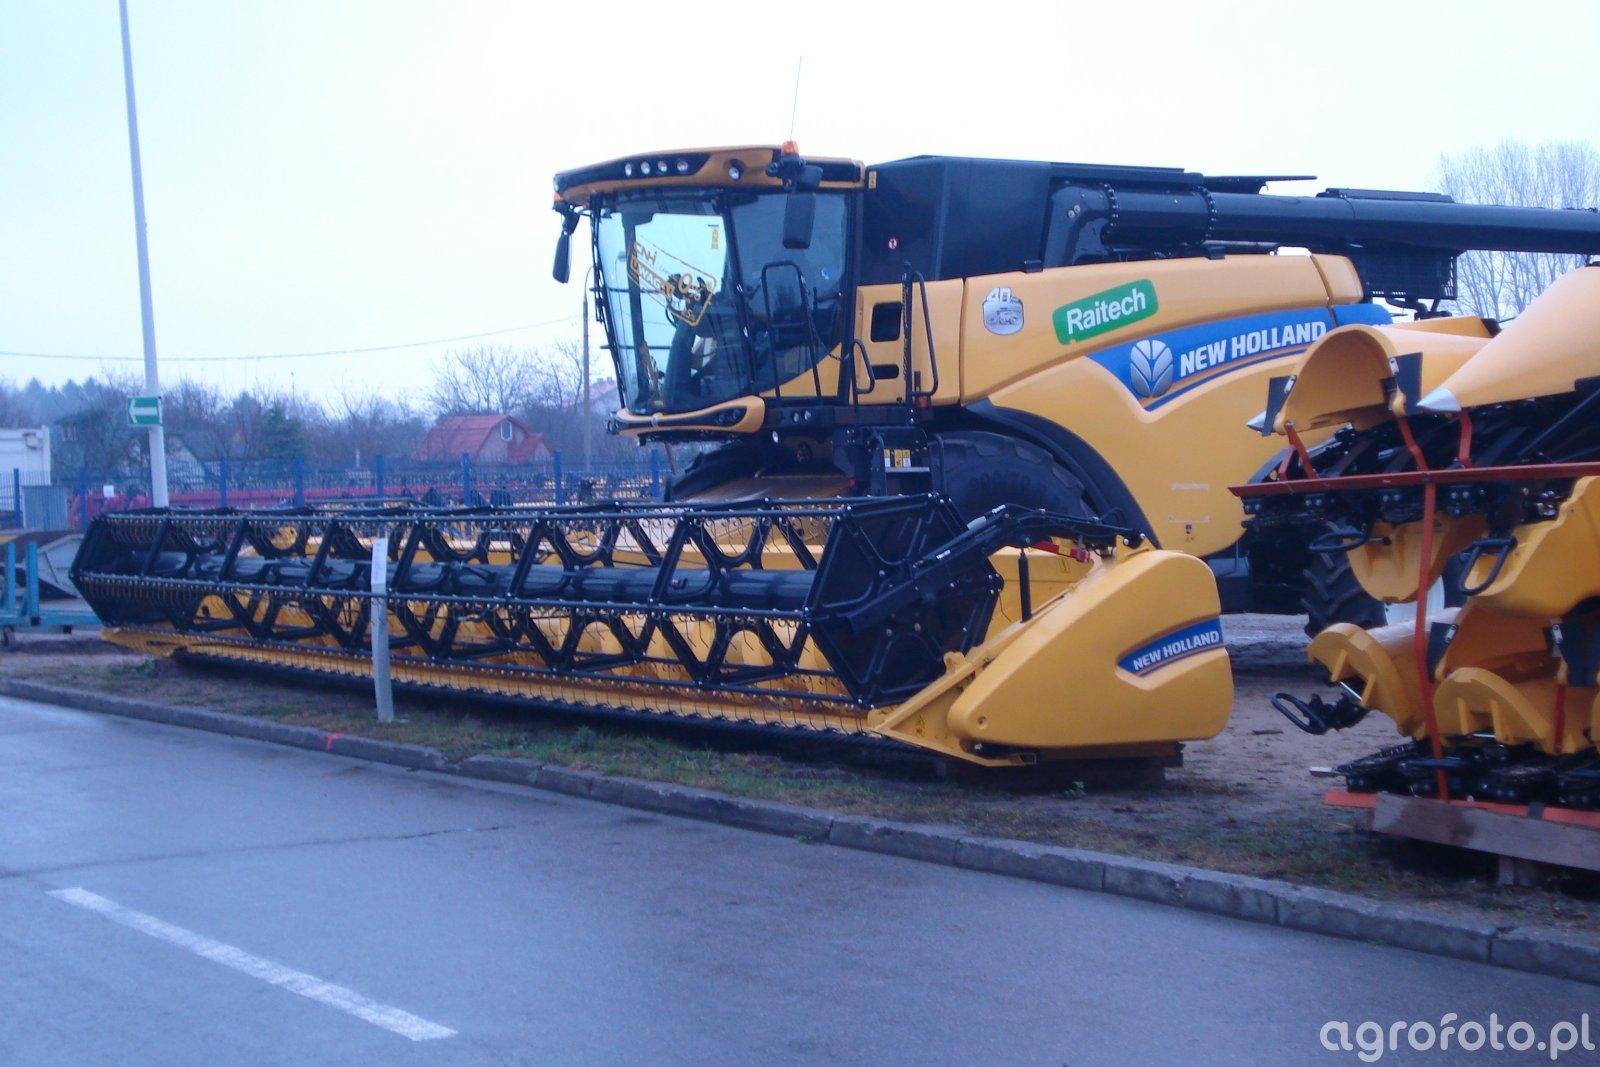 New Holland CR9.80